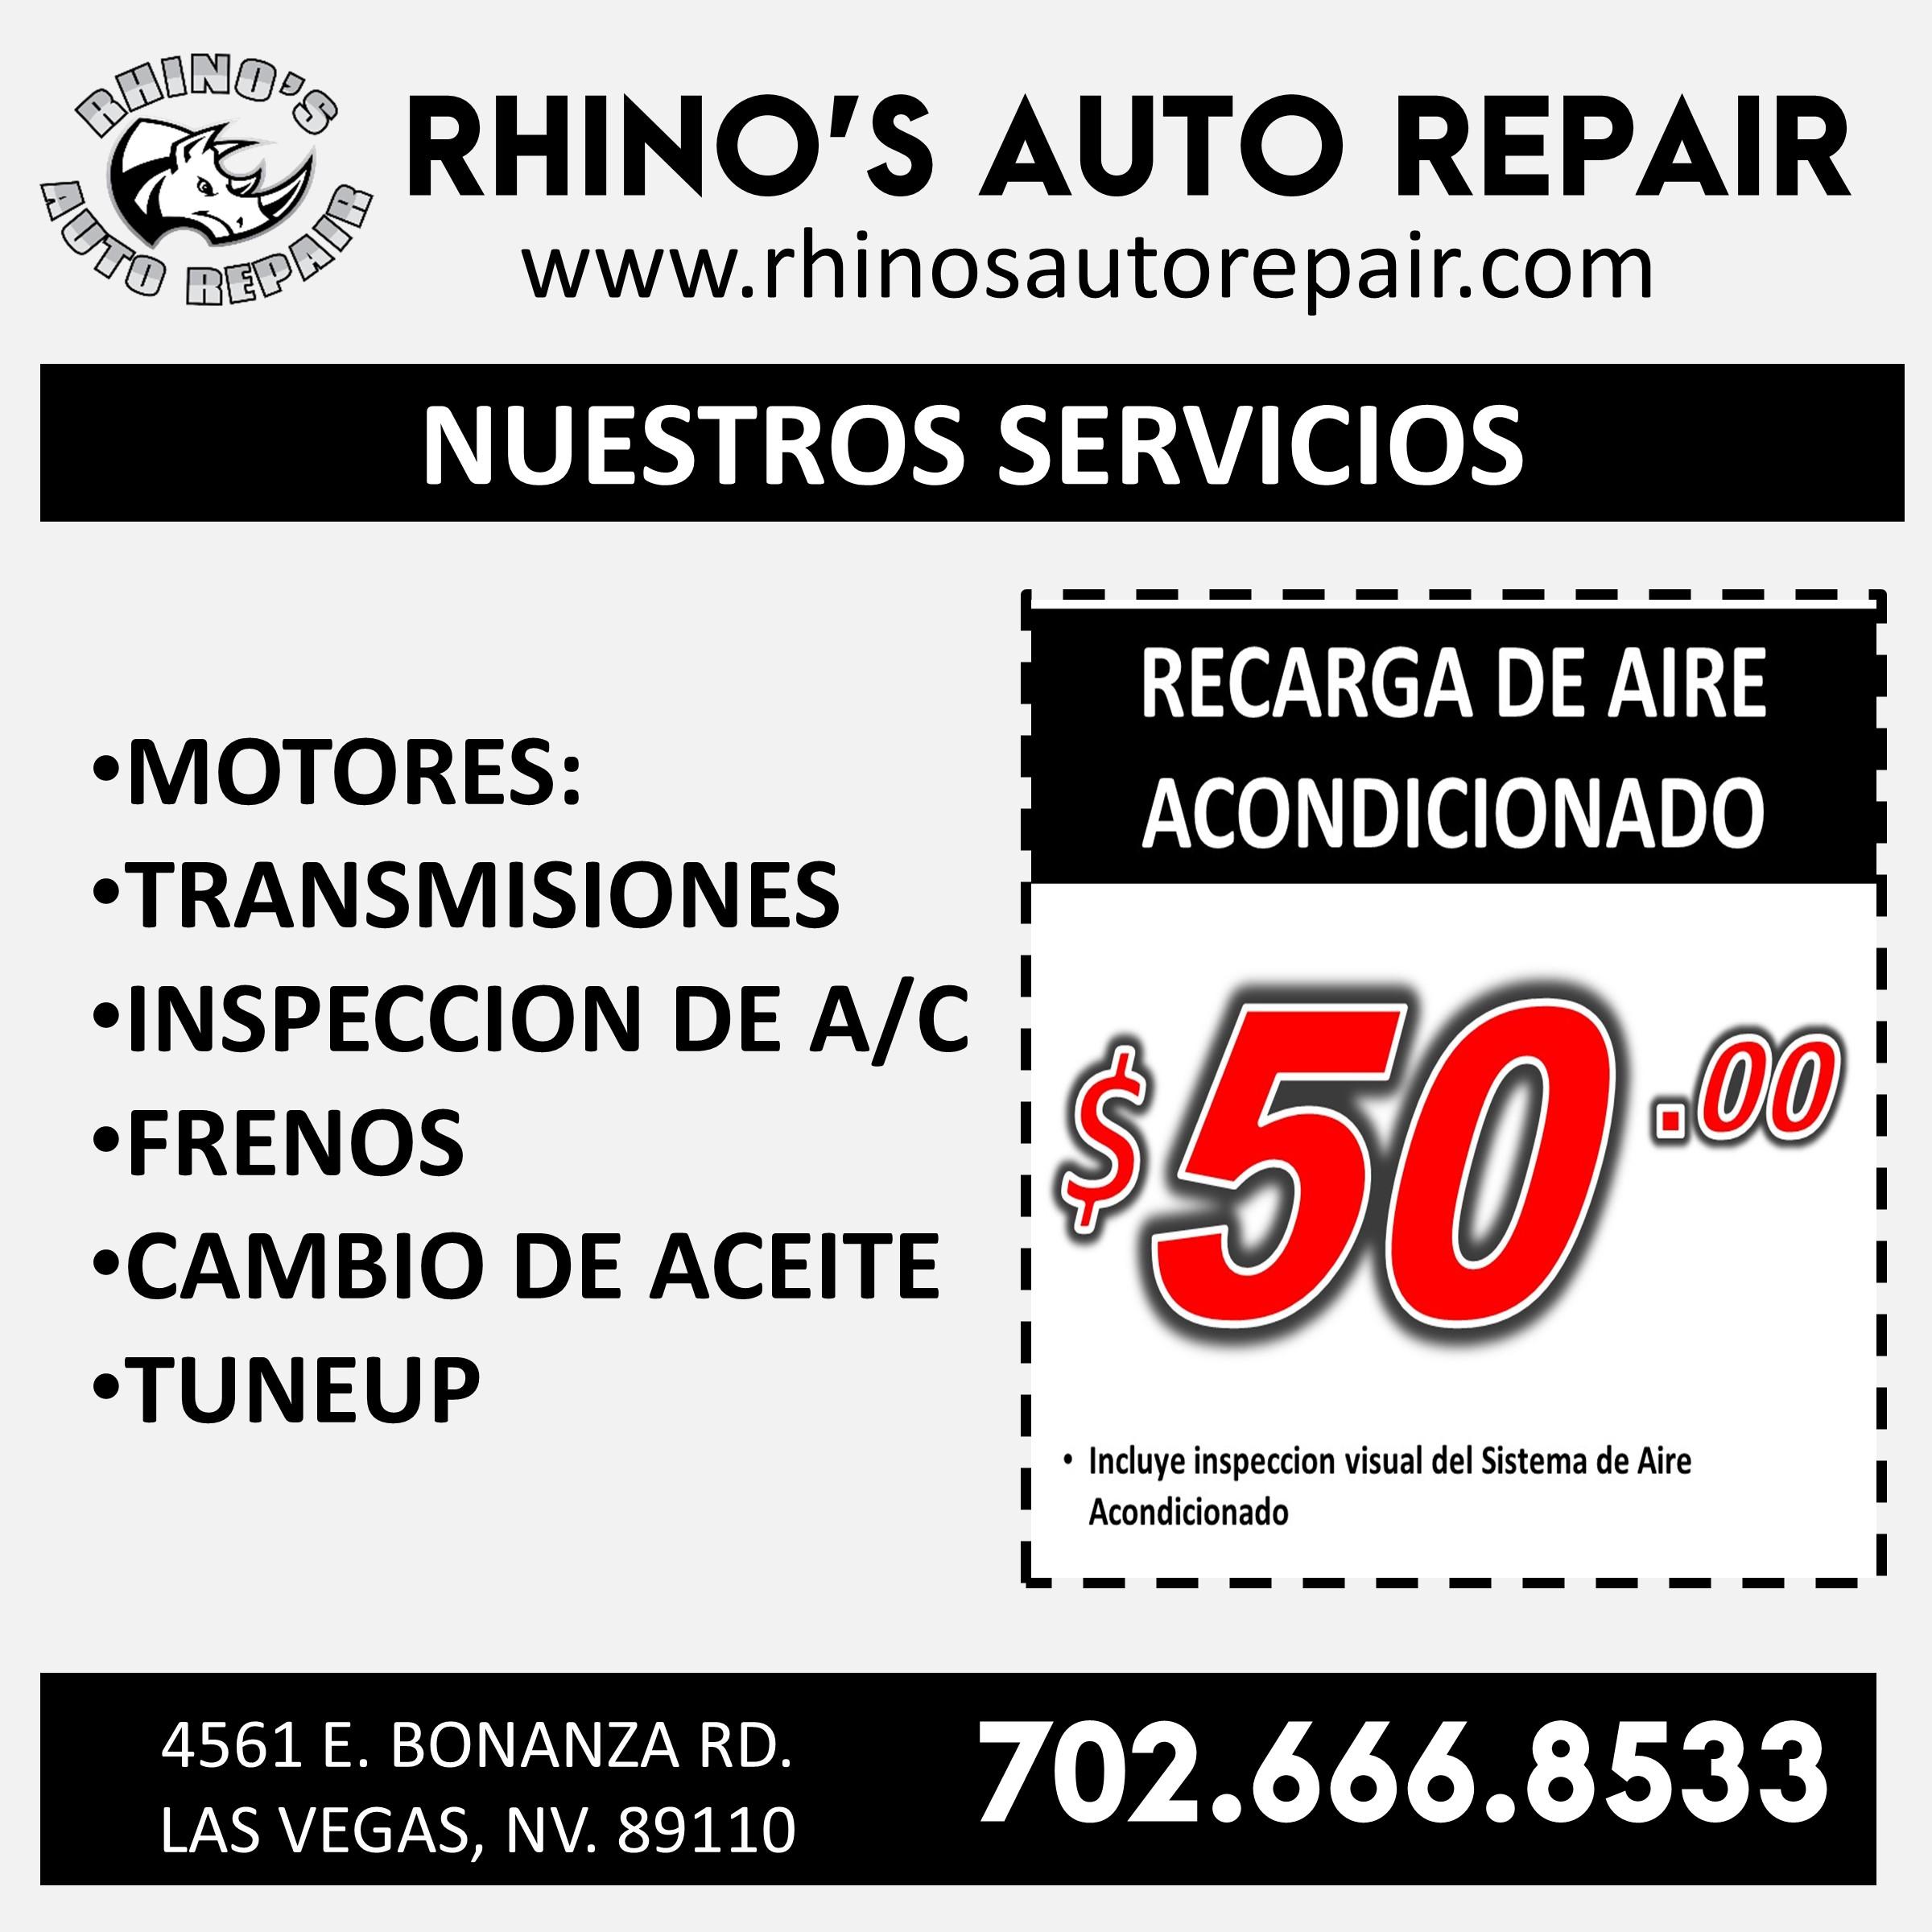 Rhinos Auto Repair